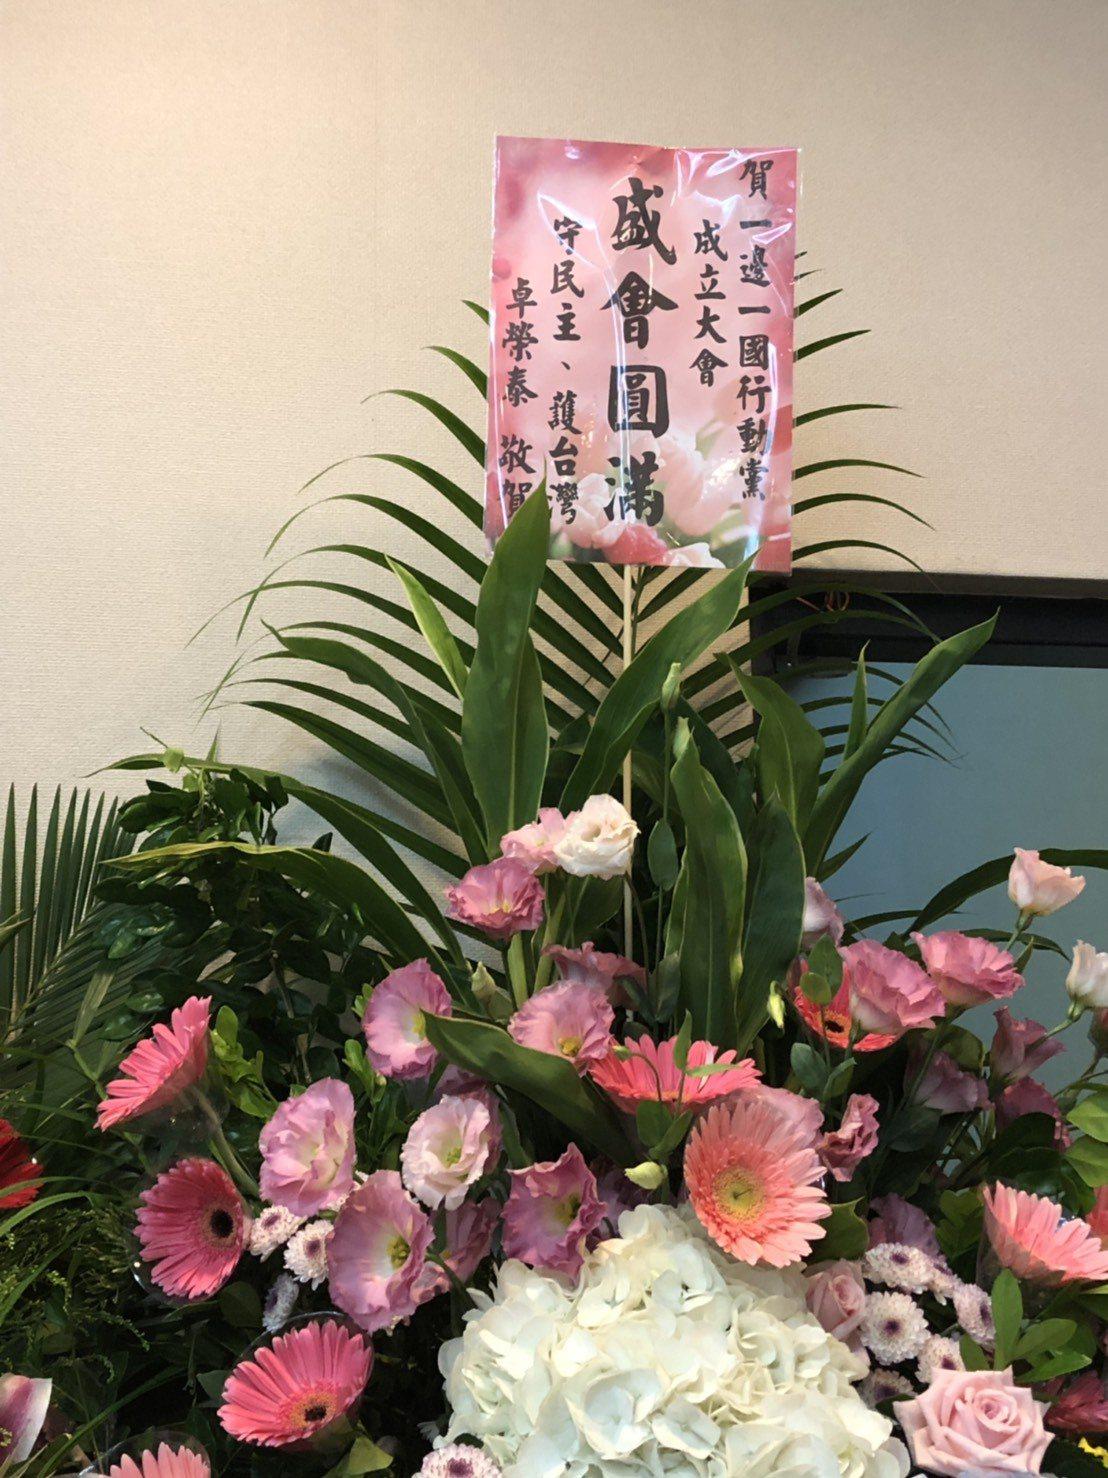 「一邊一國行動黨」今天舉行成立大會,民進黨主席卓榮泰送花籃致意。記者丘采薇/攝影